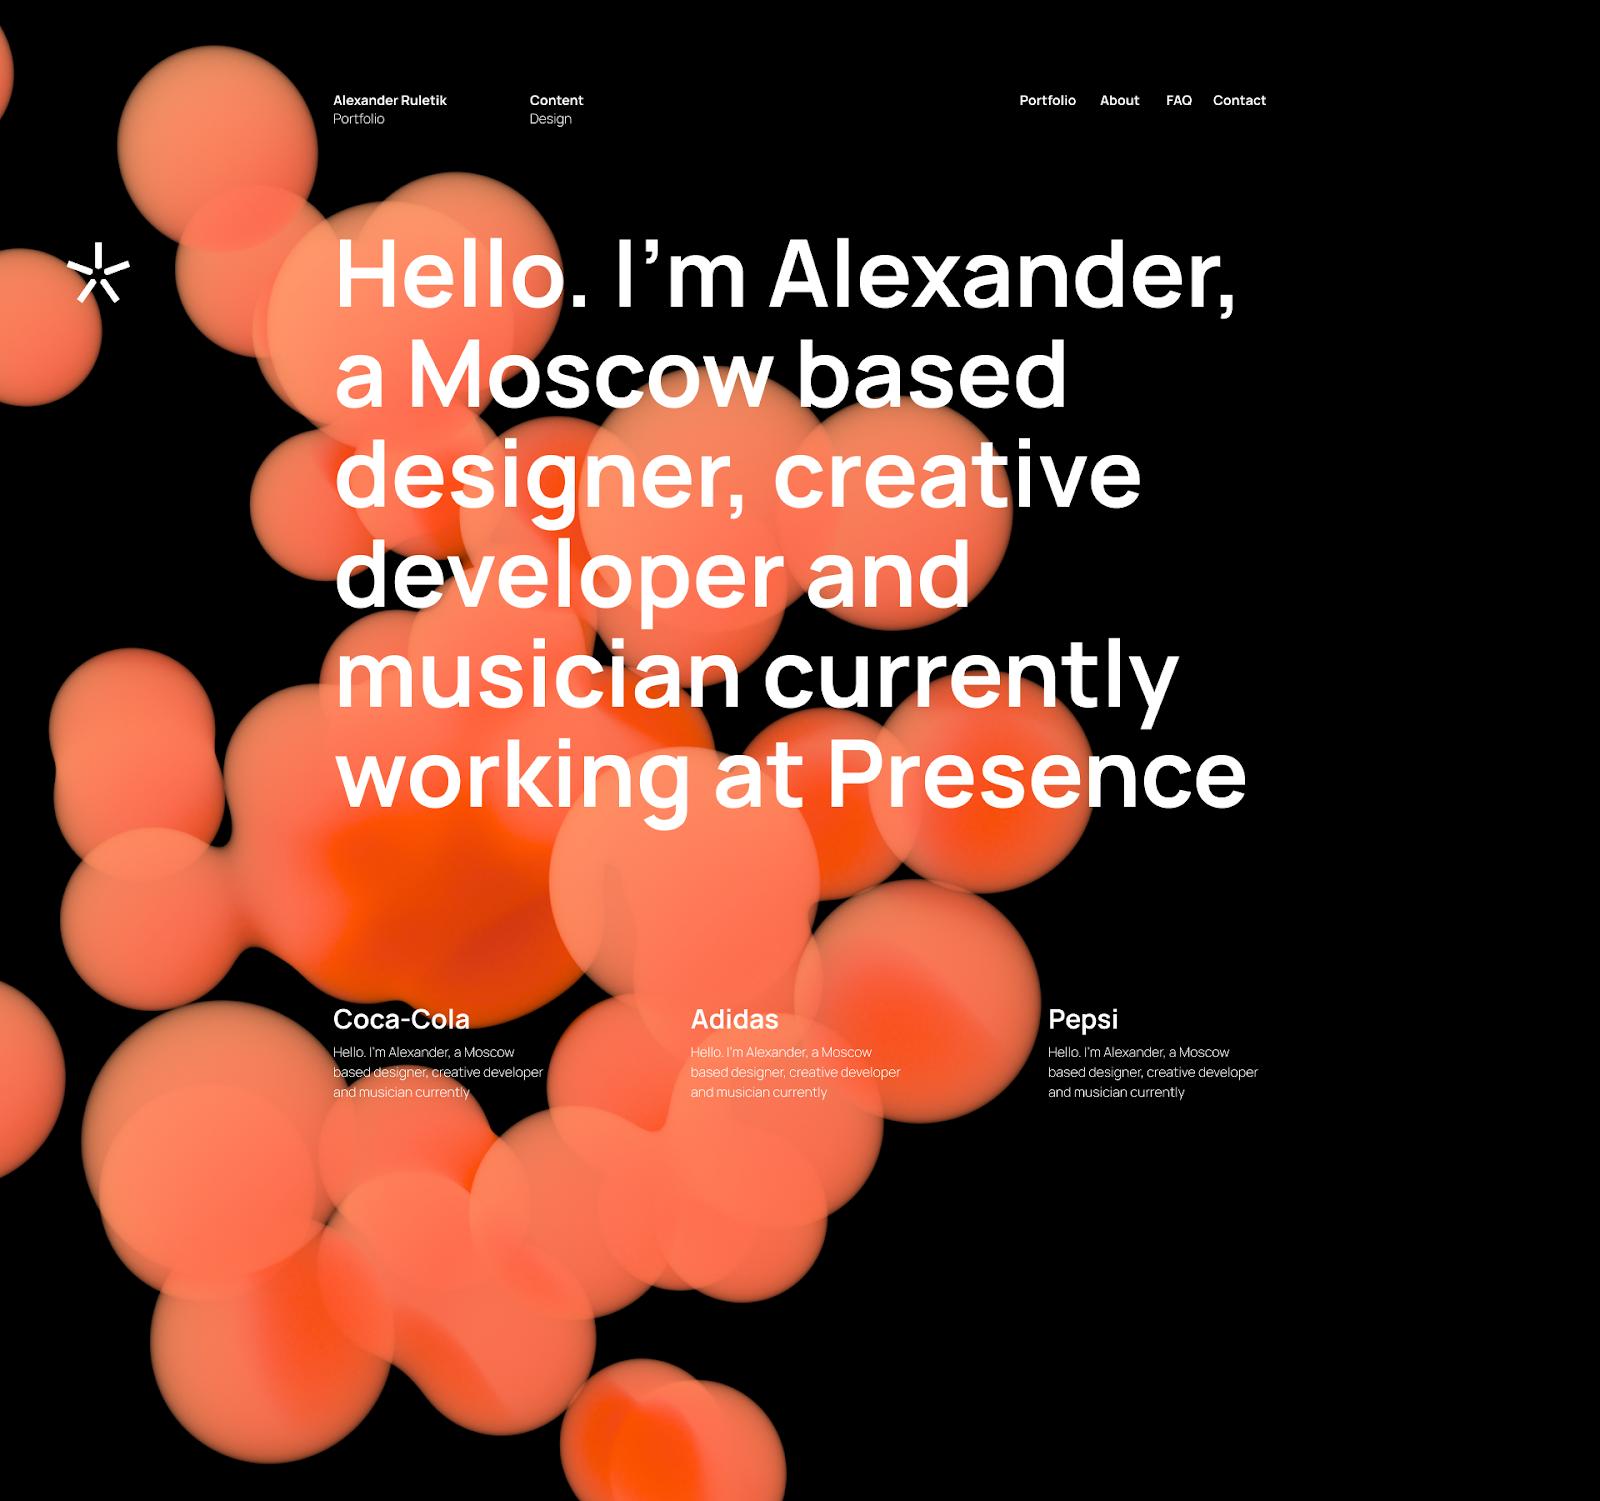 Alexander's website